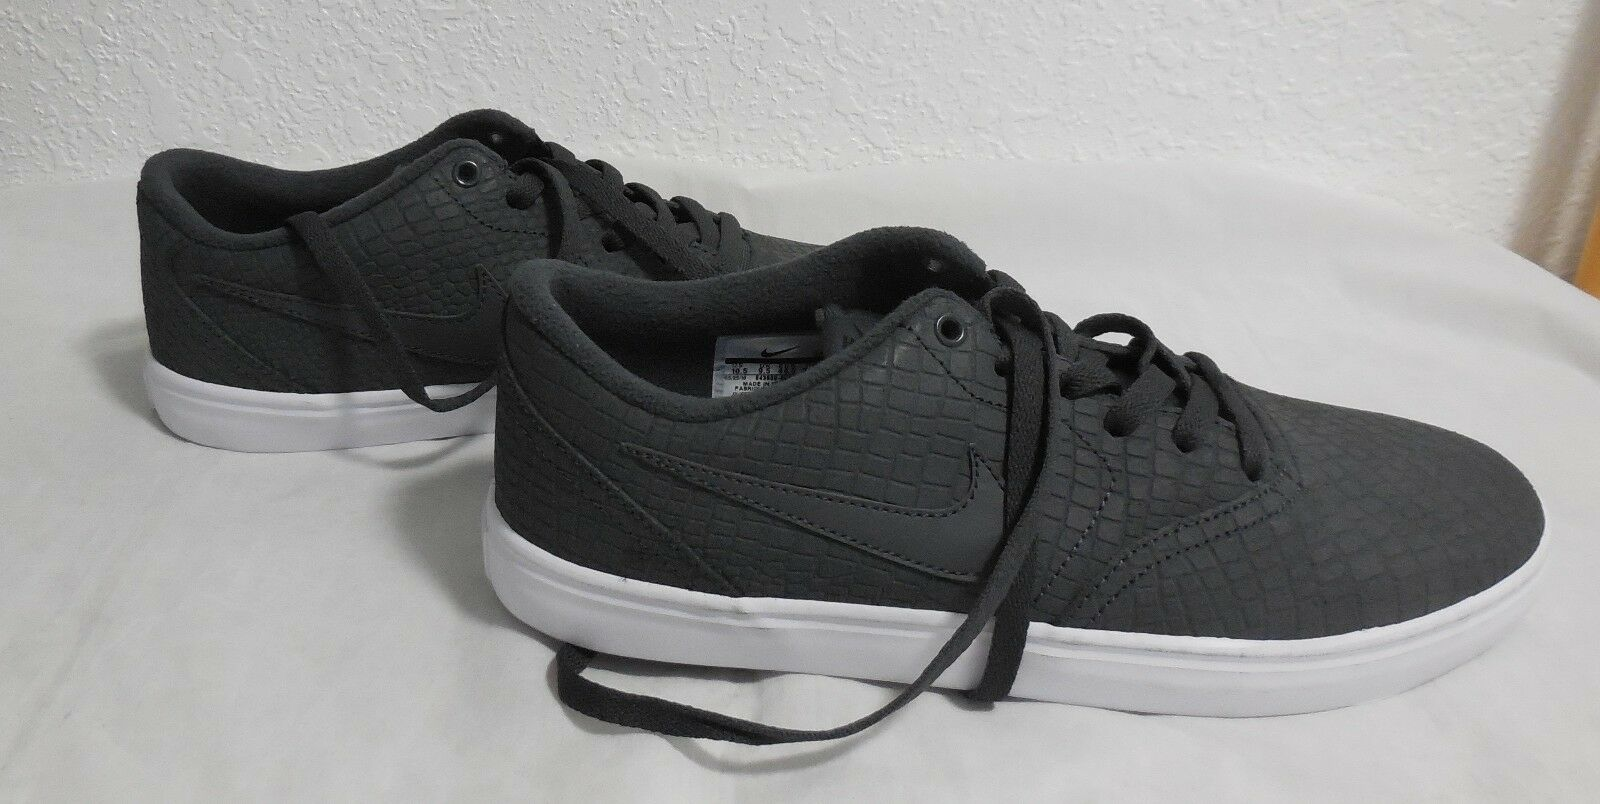 Nuovi uomini e controlla le scarpe di cuoio nike solare skate - dimensioni - grigio bianco